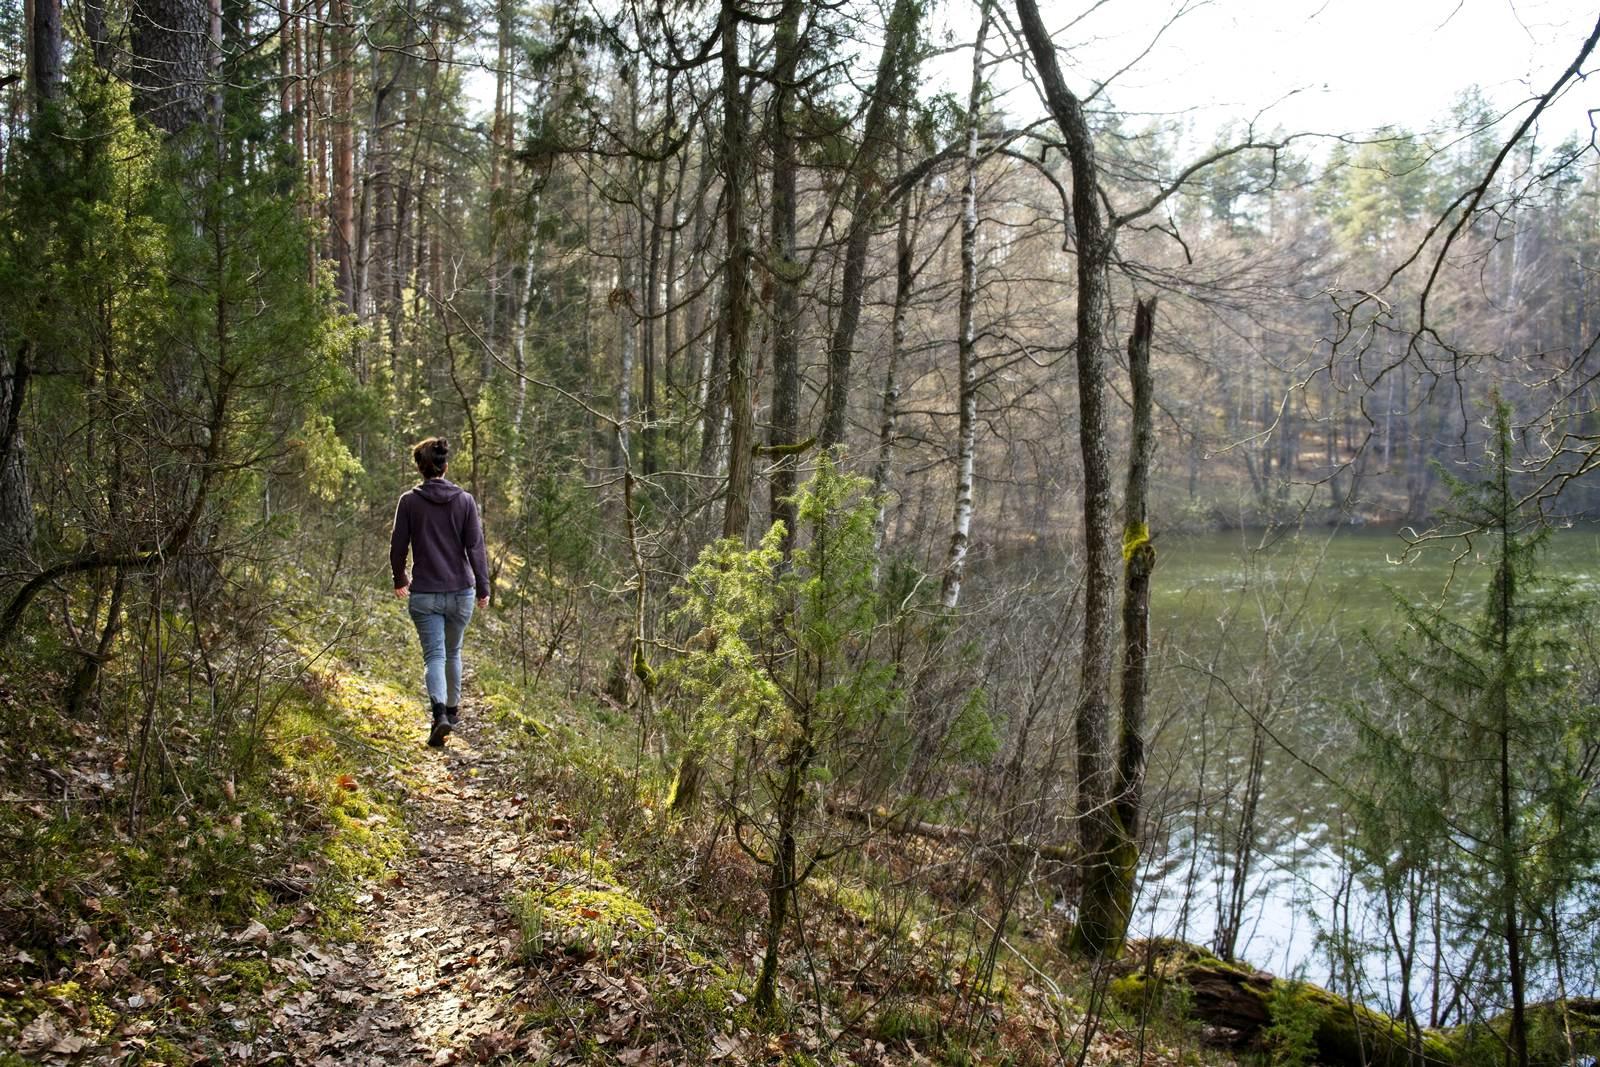 dzukijski park zervynosy jezioro w lesie